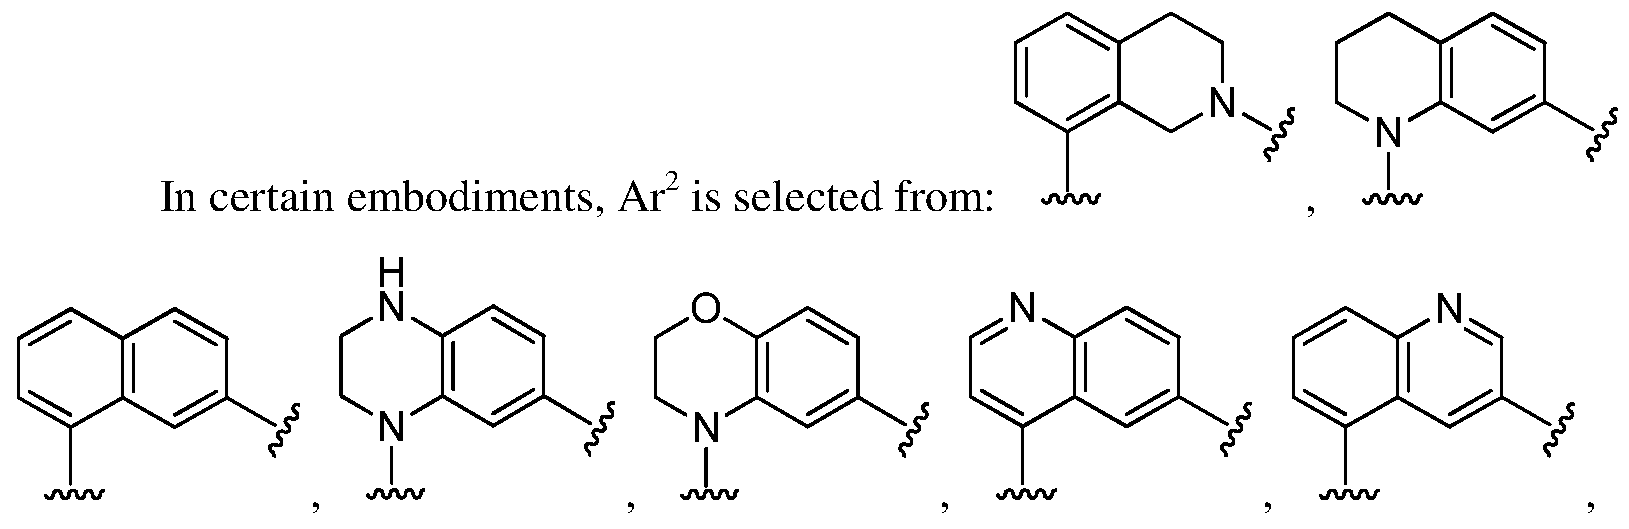 Figure imgf000111_0005